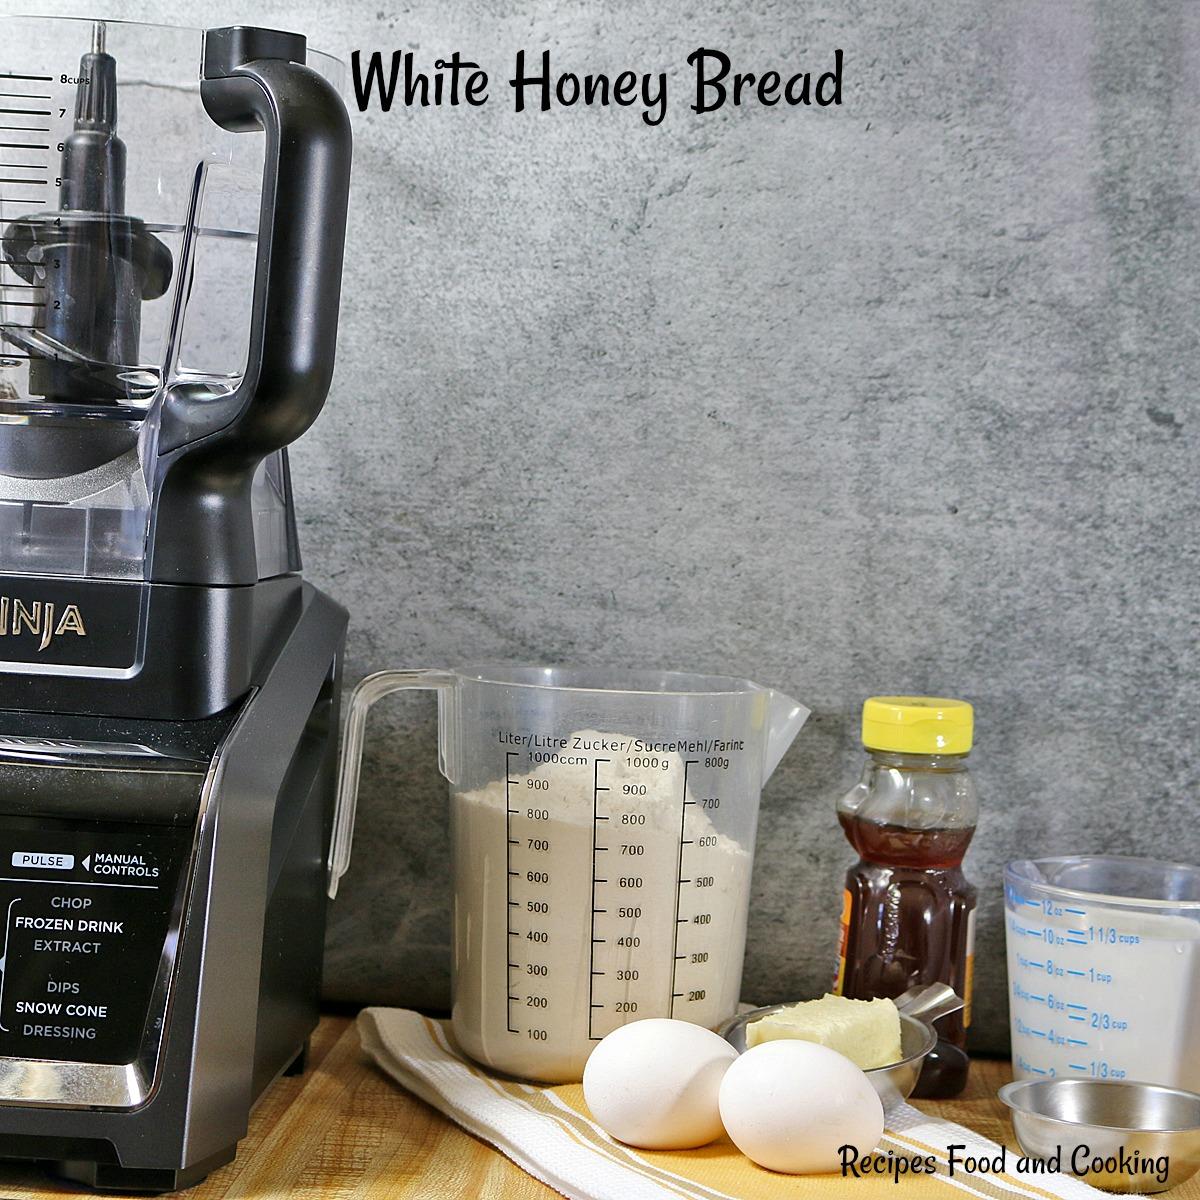 White Honey Bread